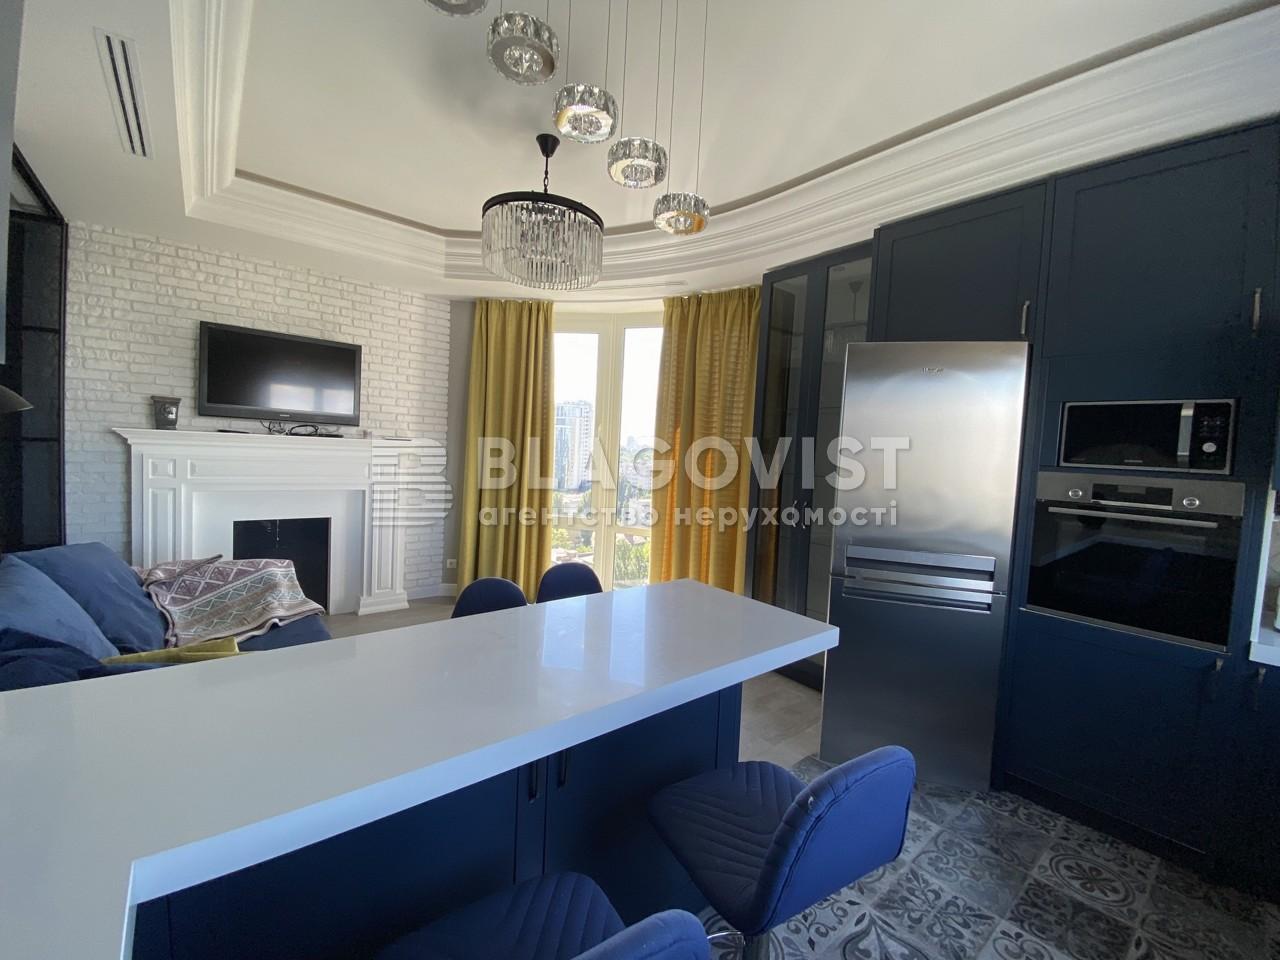 Квартира F-42256, Кирилло-Мефодиевская, 2, Киев - Фото 6